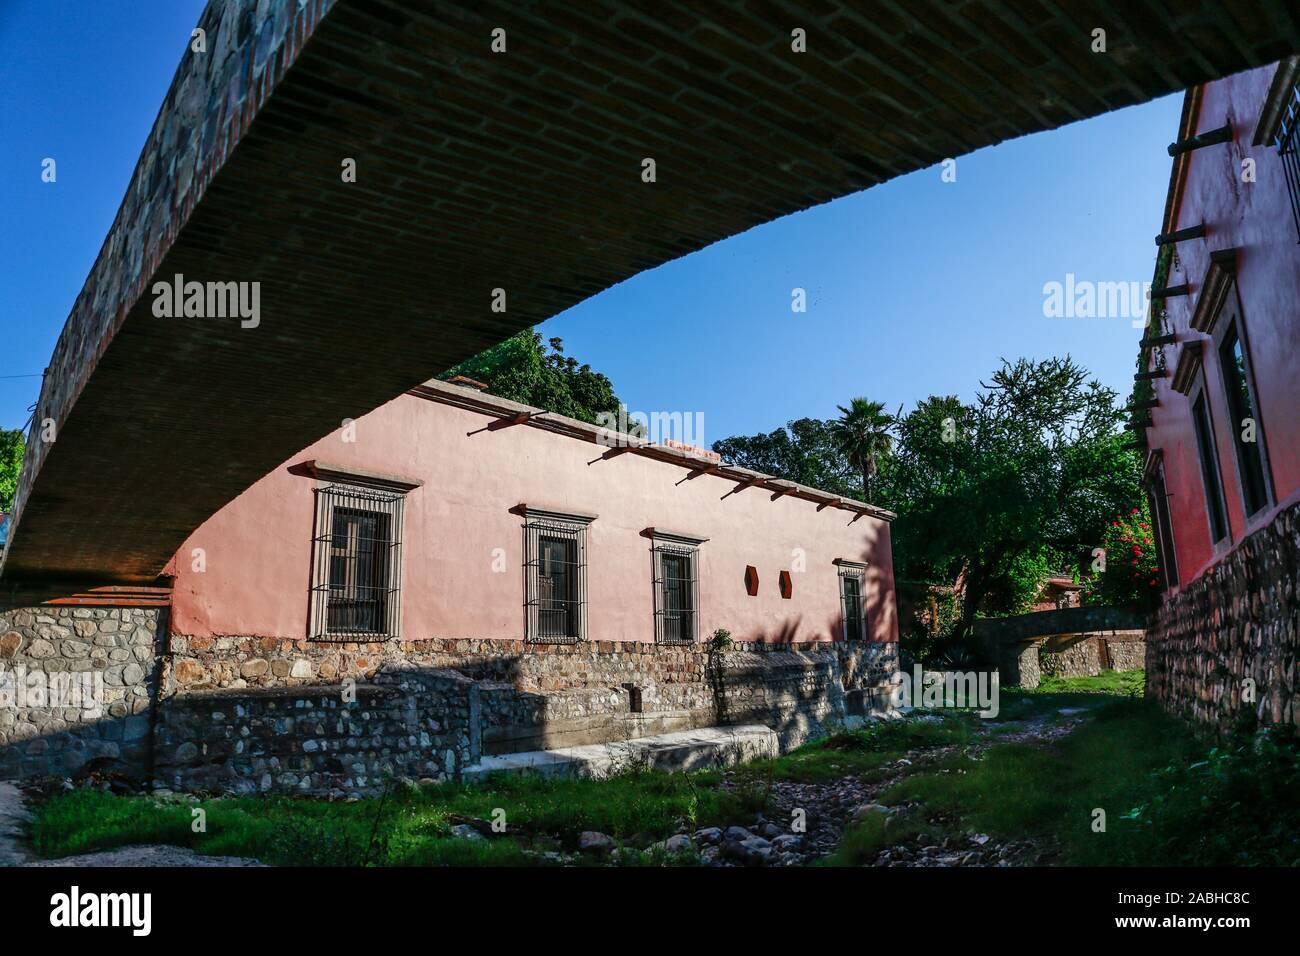 La Hacienda de Los Santos. Puente de piedra en un arroyo que cruza Álamos, Sonora, México, un lugar mágico y ciudad colonial. Este mexicano era conocido como villa real de Los Alamos o Los Frayles. La ciudad de los portales. sombras, conducción, viajes, turismo, arquitectura, destino turístico en el exterior. © (© Foto: NortePhoto.com) LuisGutierrez / puente de piedra en el arroyo que cruza por álamos, Sonora, México, pueblo mágico y colonial. Esta villa mexicana fue conocido como Real de Los Álamos o de los Frayles. La Ciudad de los Portales. sombras, manececer, viaje, turismo, arquitectura, destino turístico en el exterior. © Foto de stock